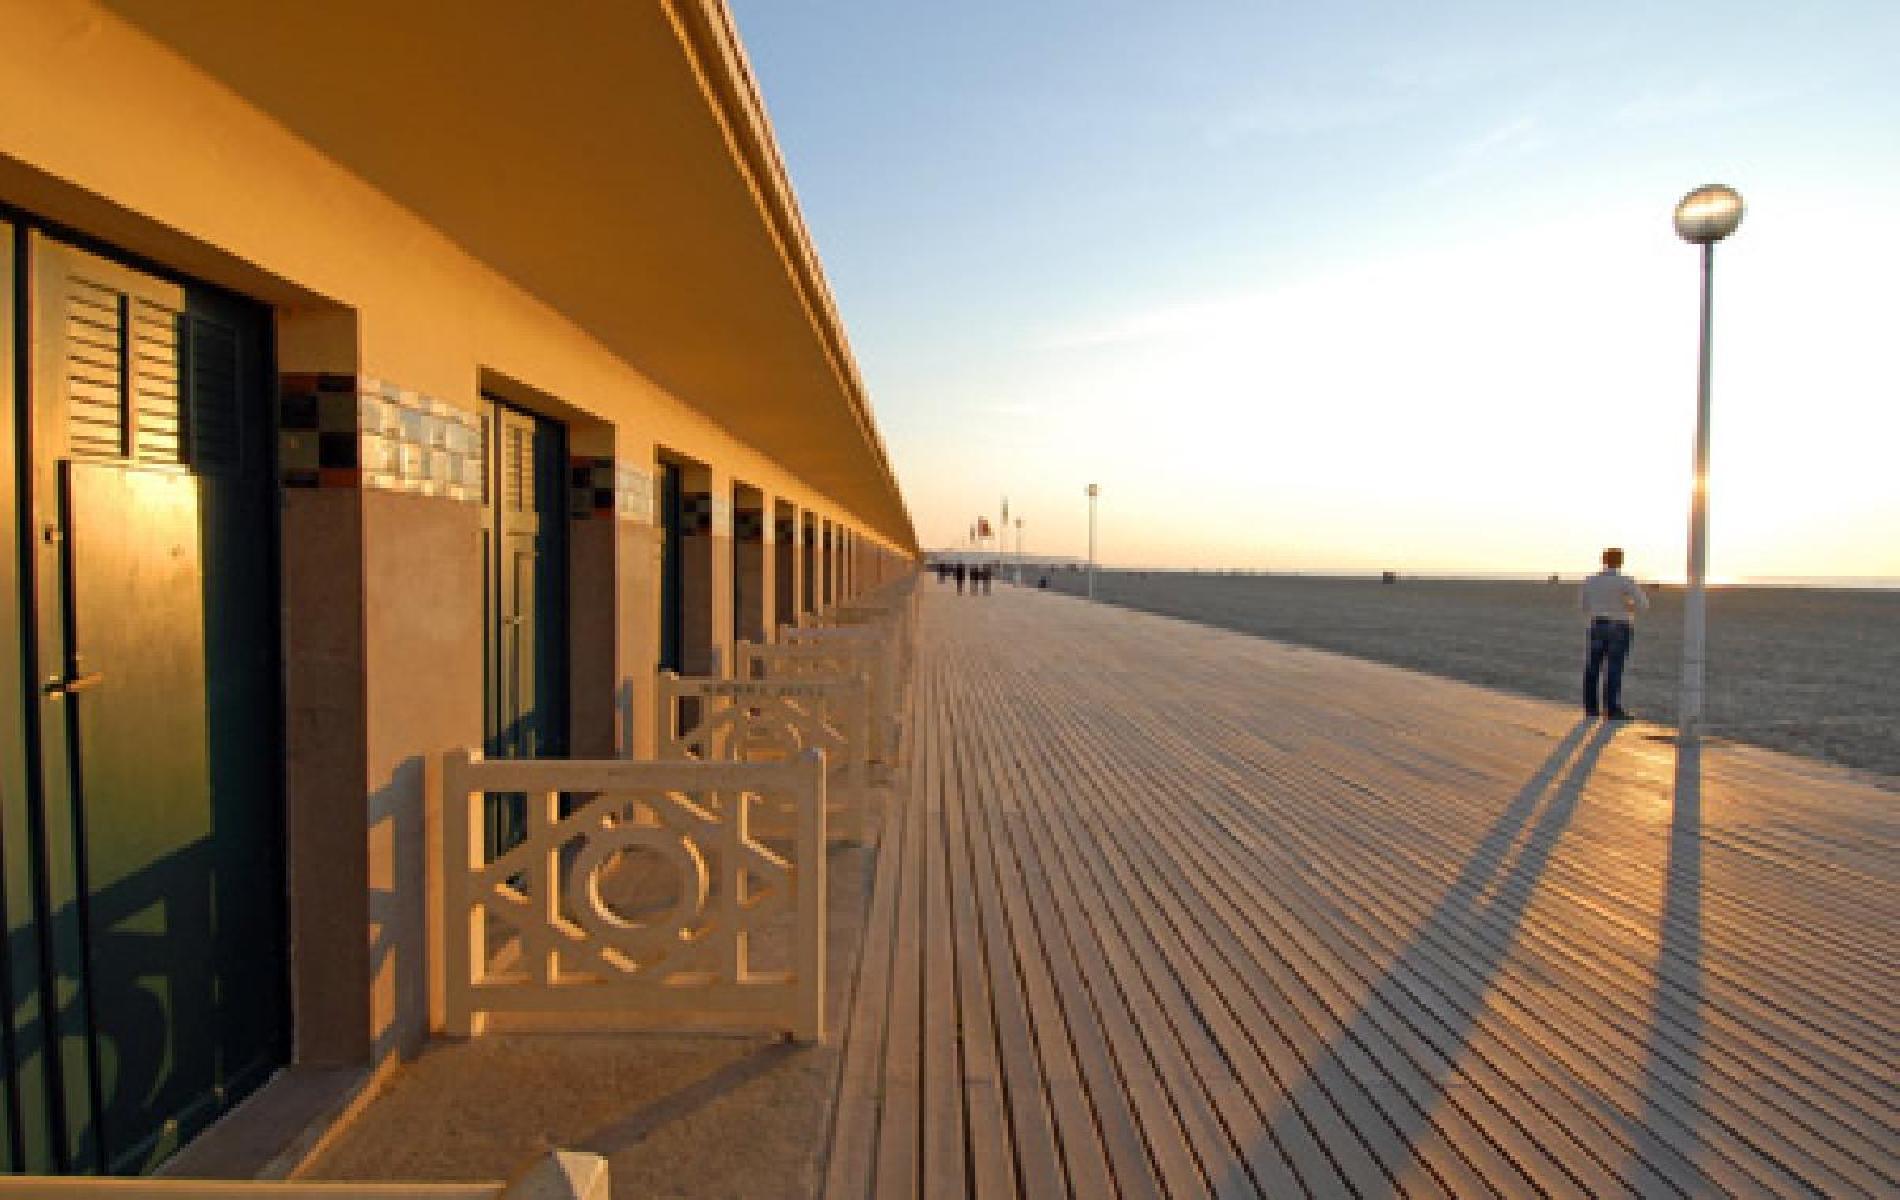 Le m h tel hotel honfleur avec piscine spa et parking - Deauville office de tourisme ...